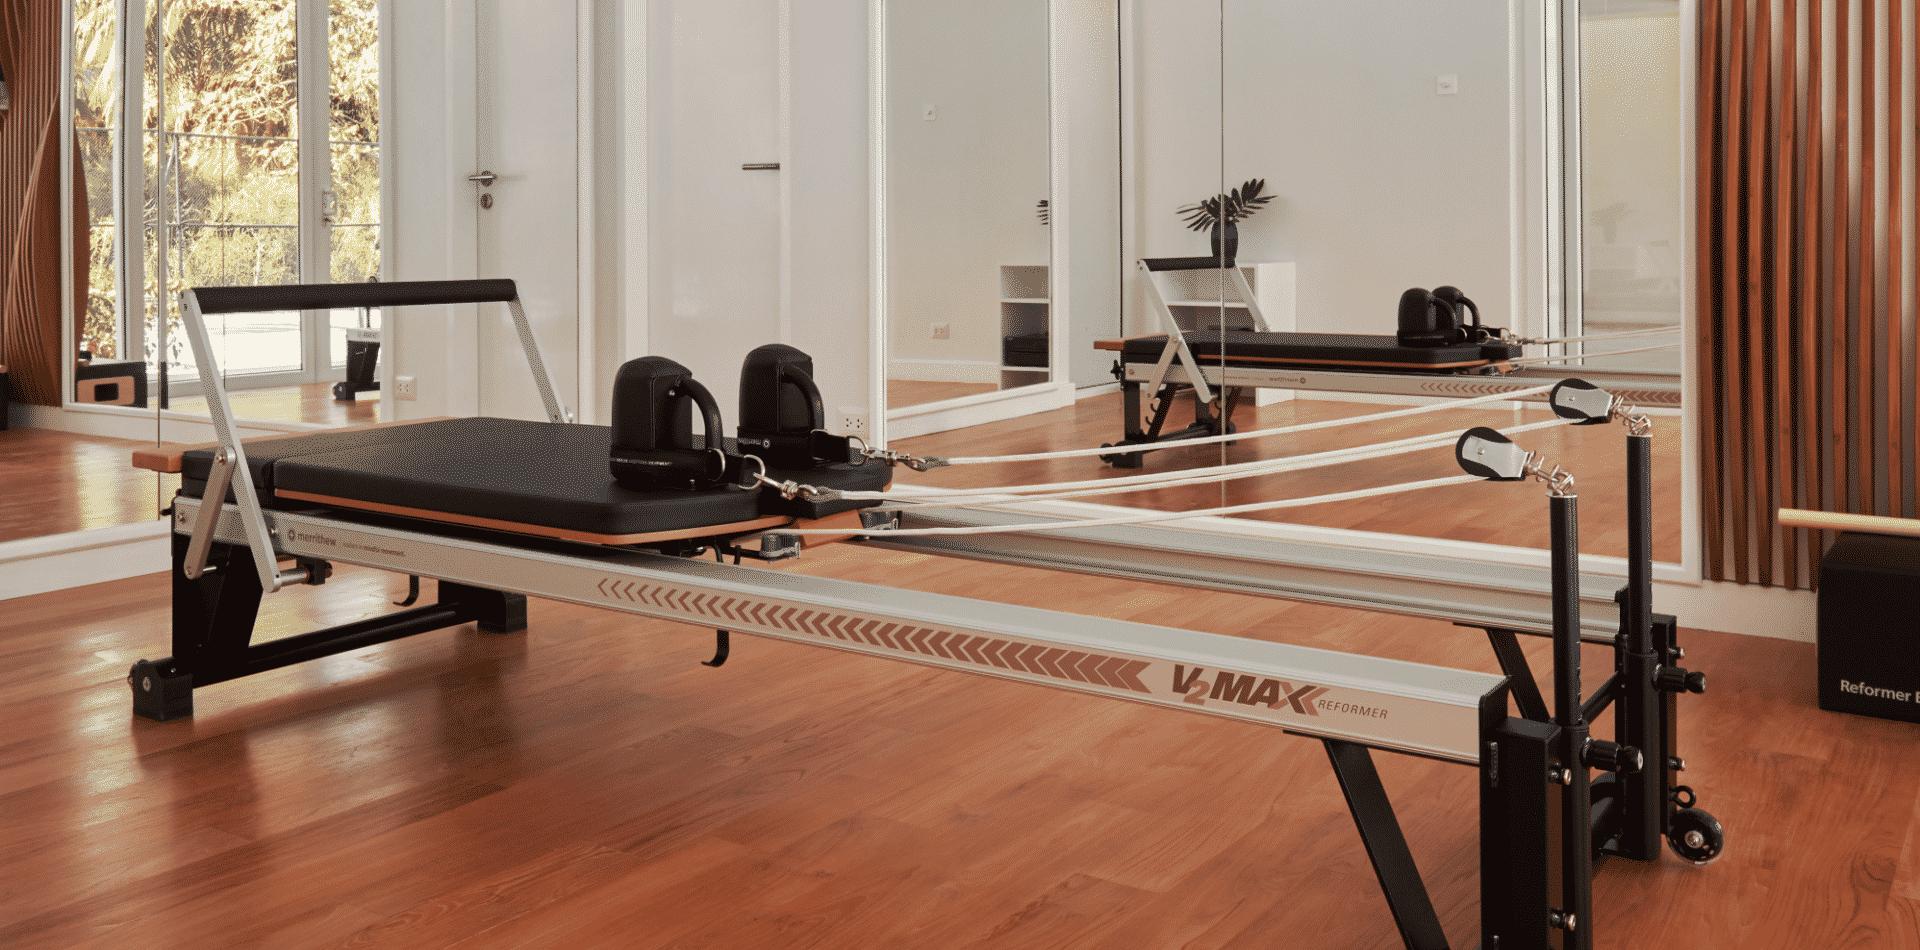 Gym in $100,000 Per Night Resort